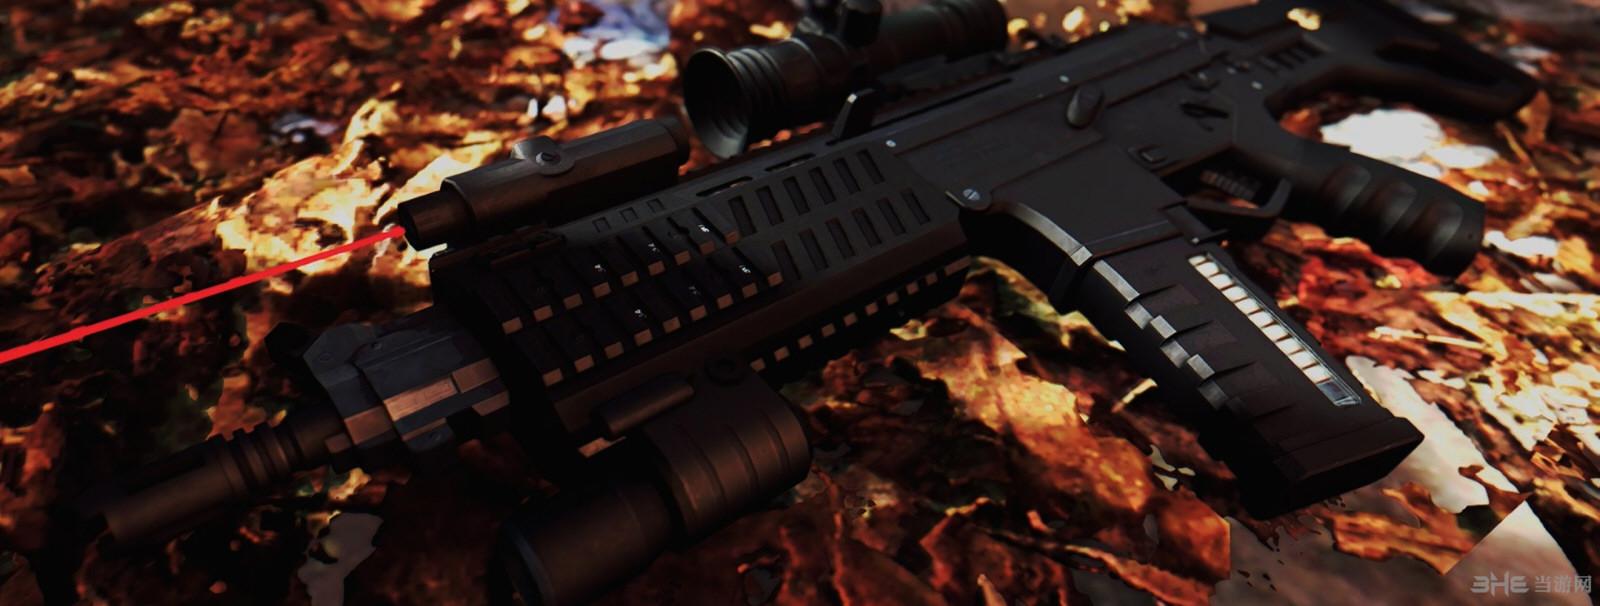 辐射4LK-05步枪MOD截图0